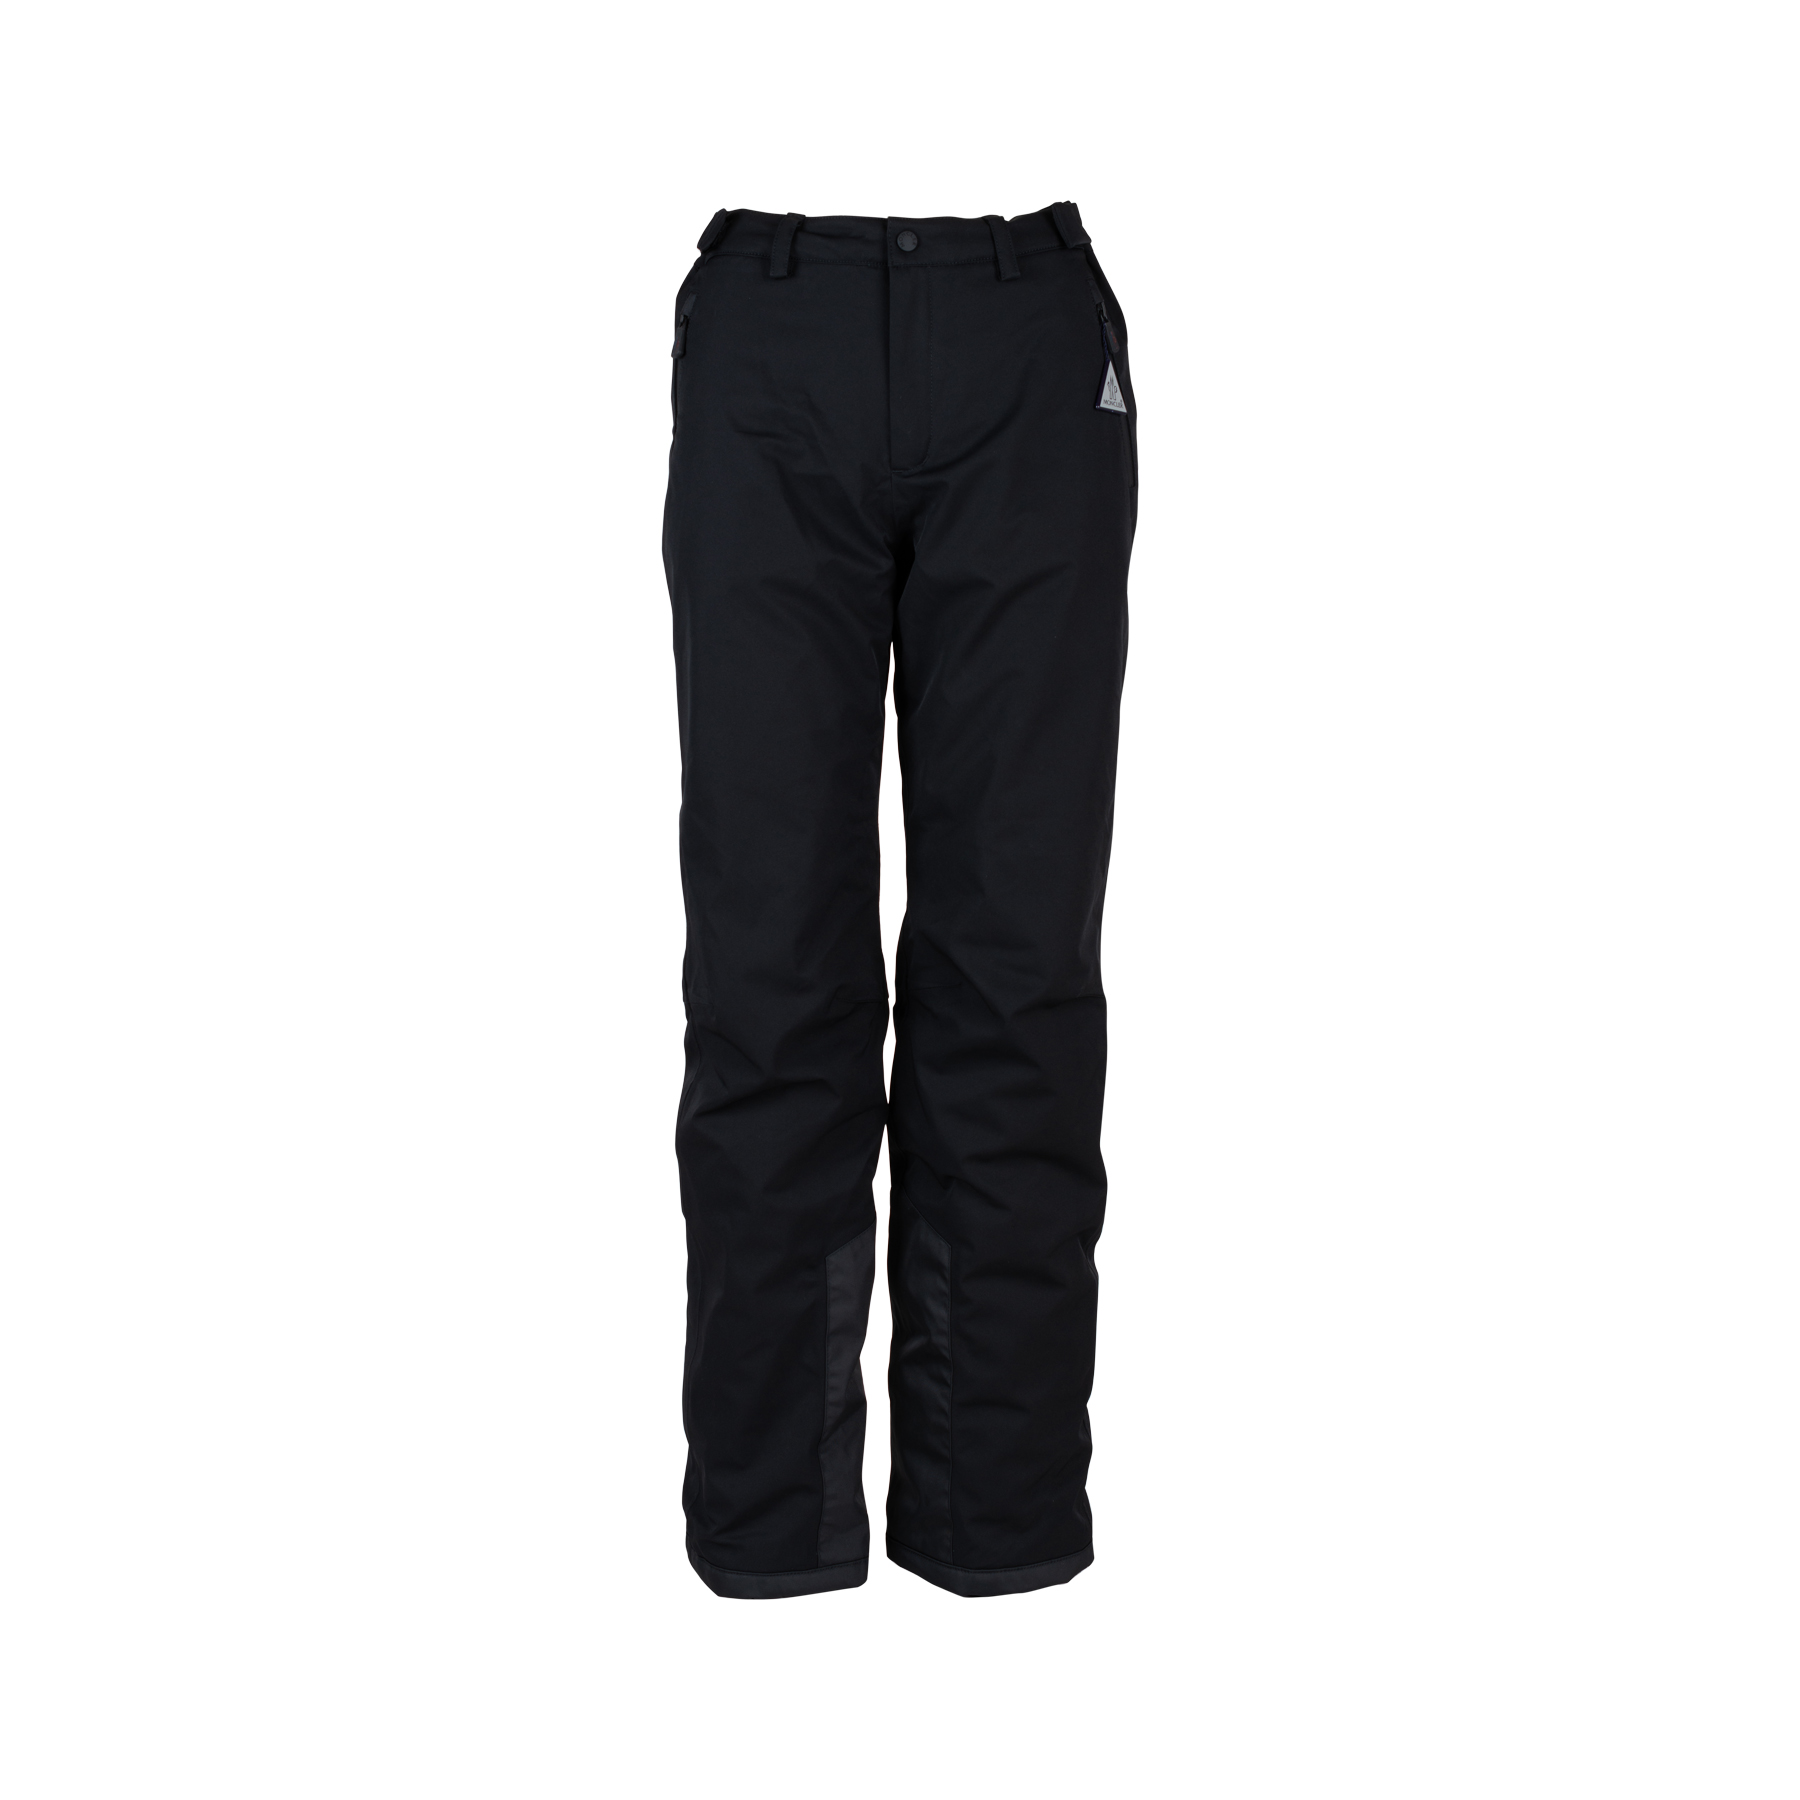 promo code 54b52 d814e Ski Pants